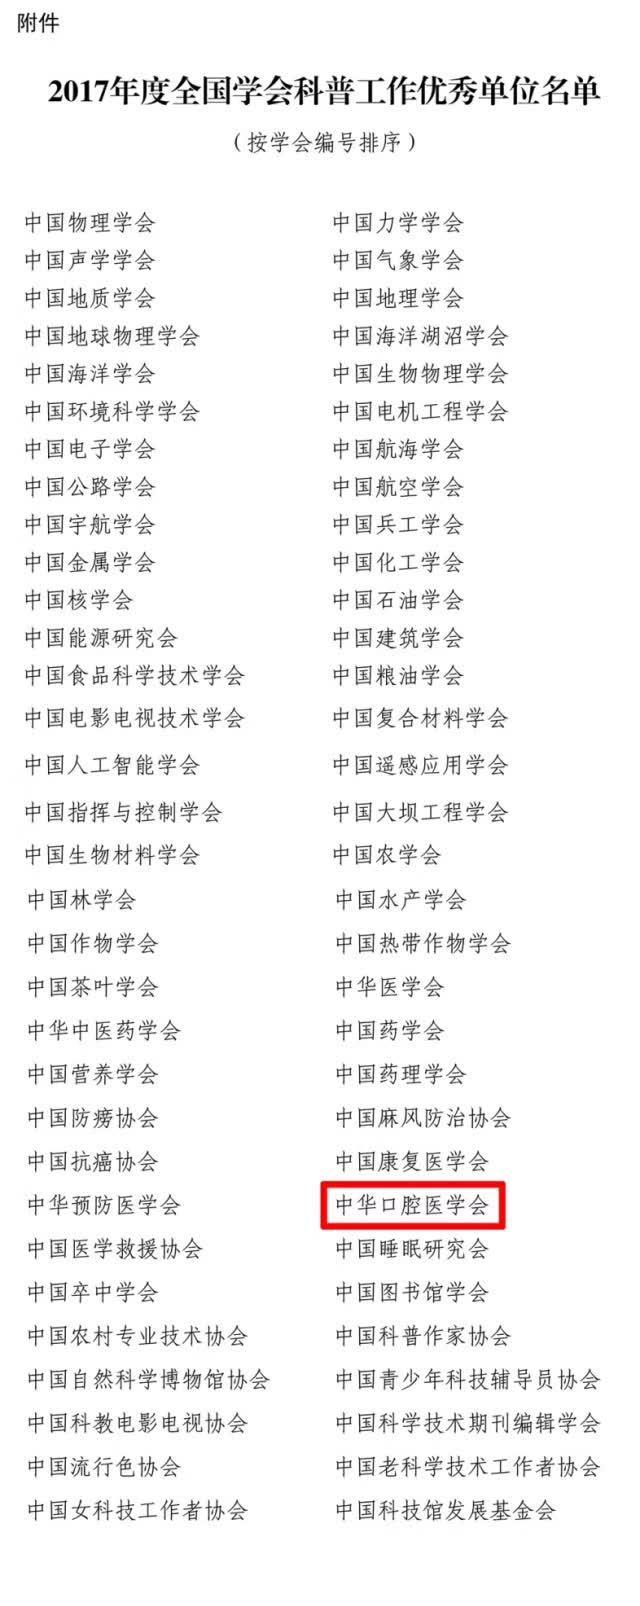 中华口腔医学会周报2018年第2期